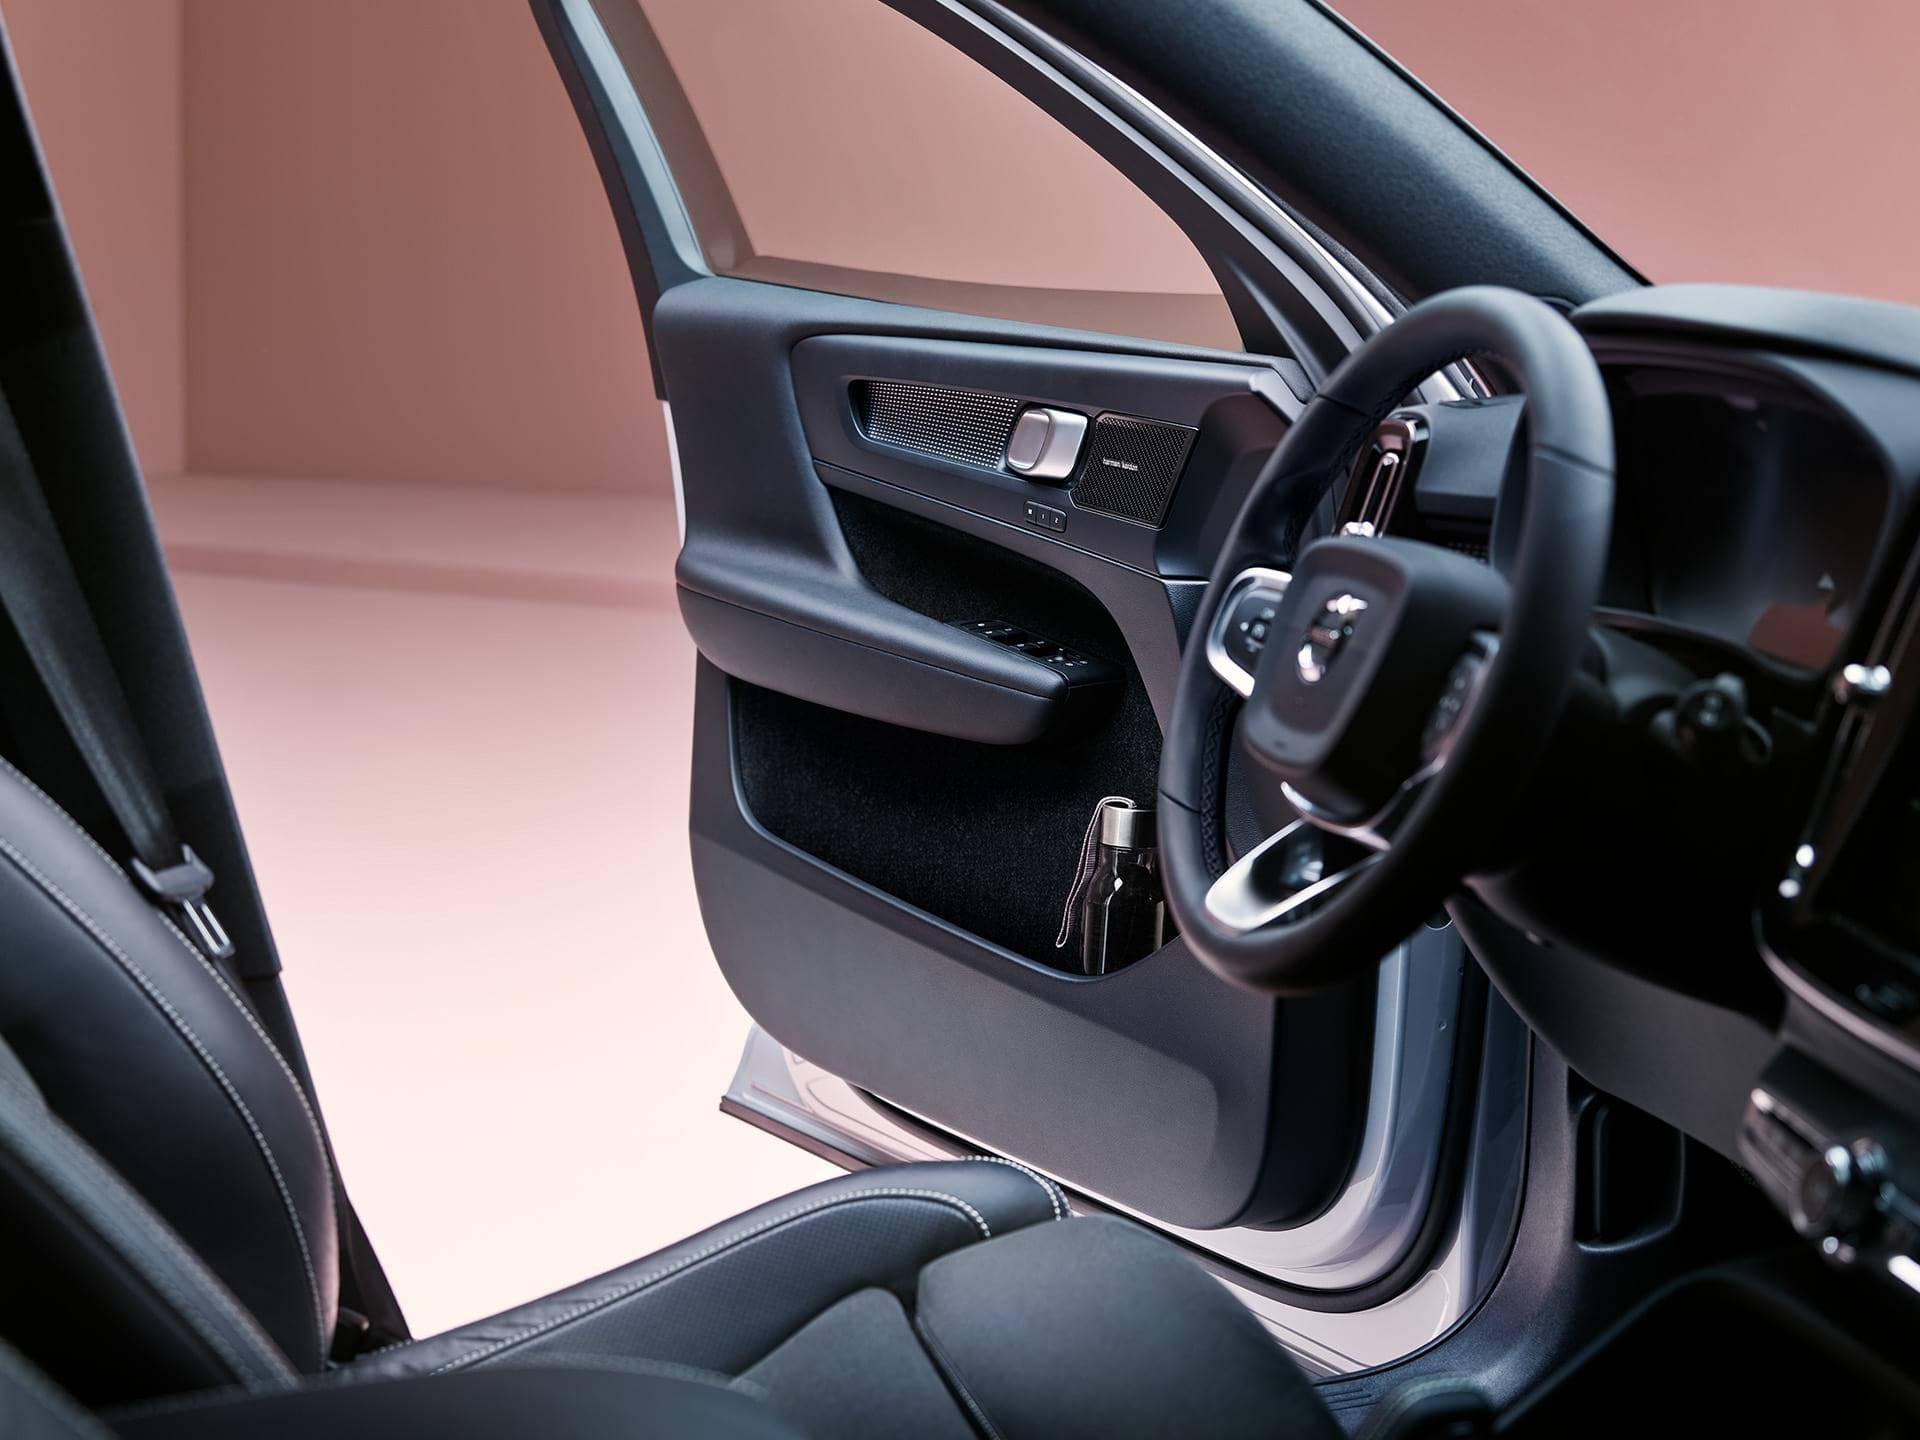 Intérieur noir d'une Volvo XC40 Recharge. La porte du conducteur est ouverte et contient une bouteille d'eau.